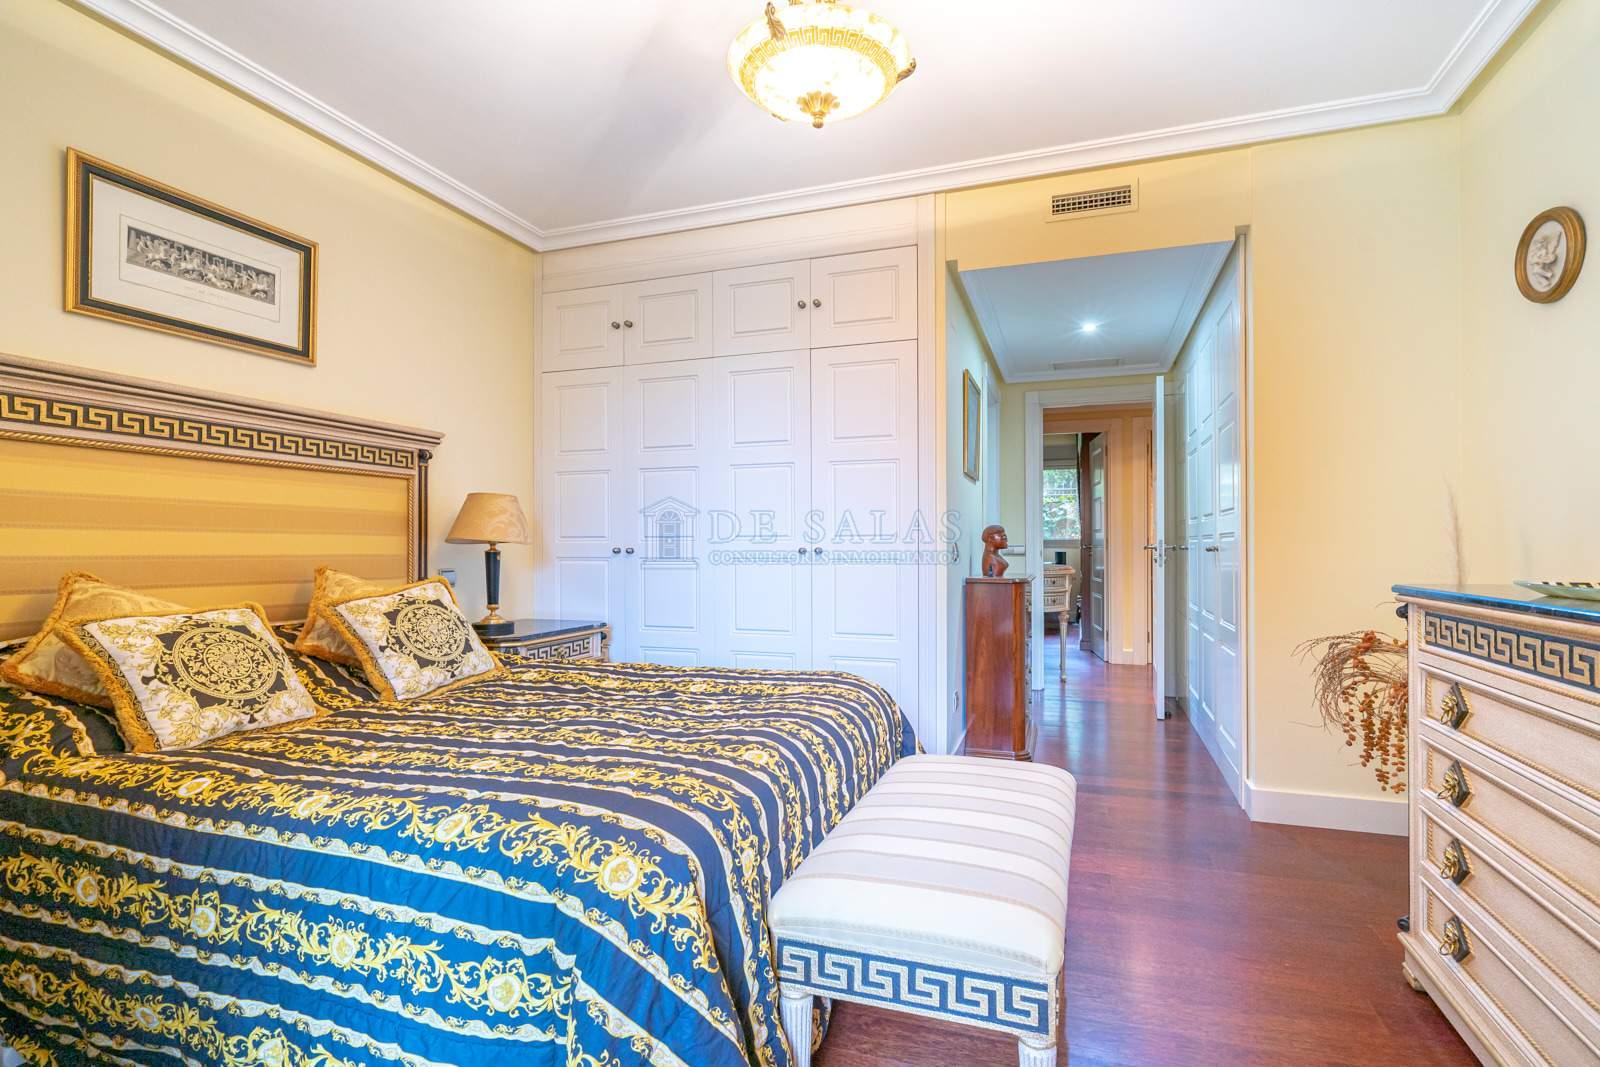 Dormitorio-23 Flat El Encinar de los Reyes